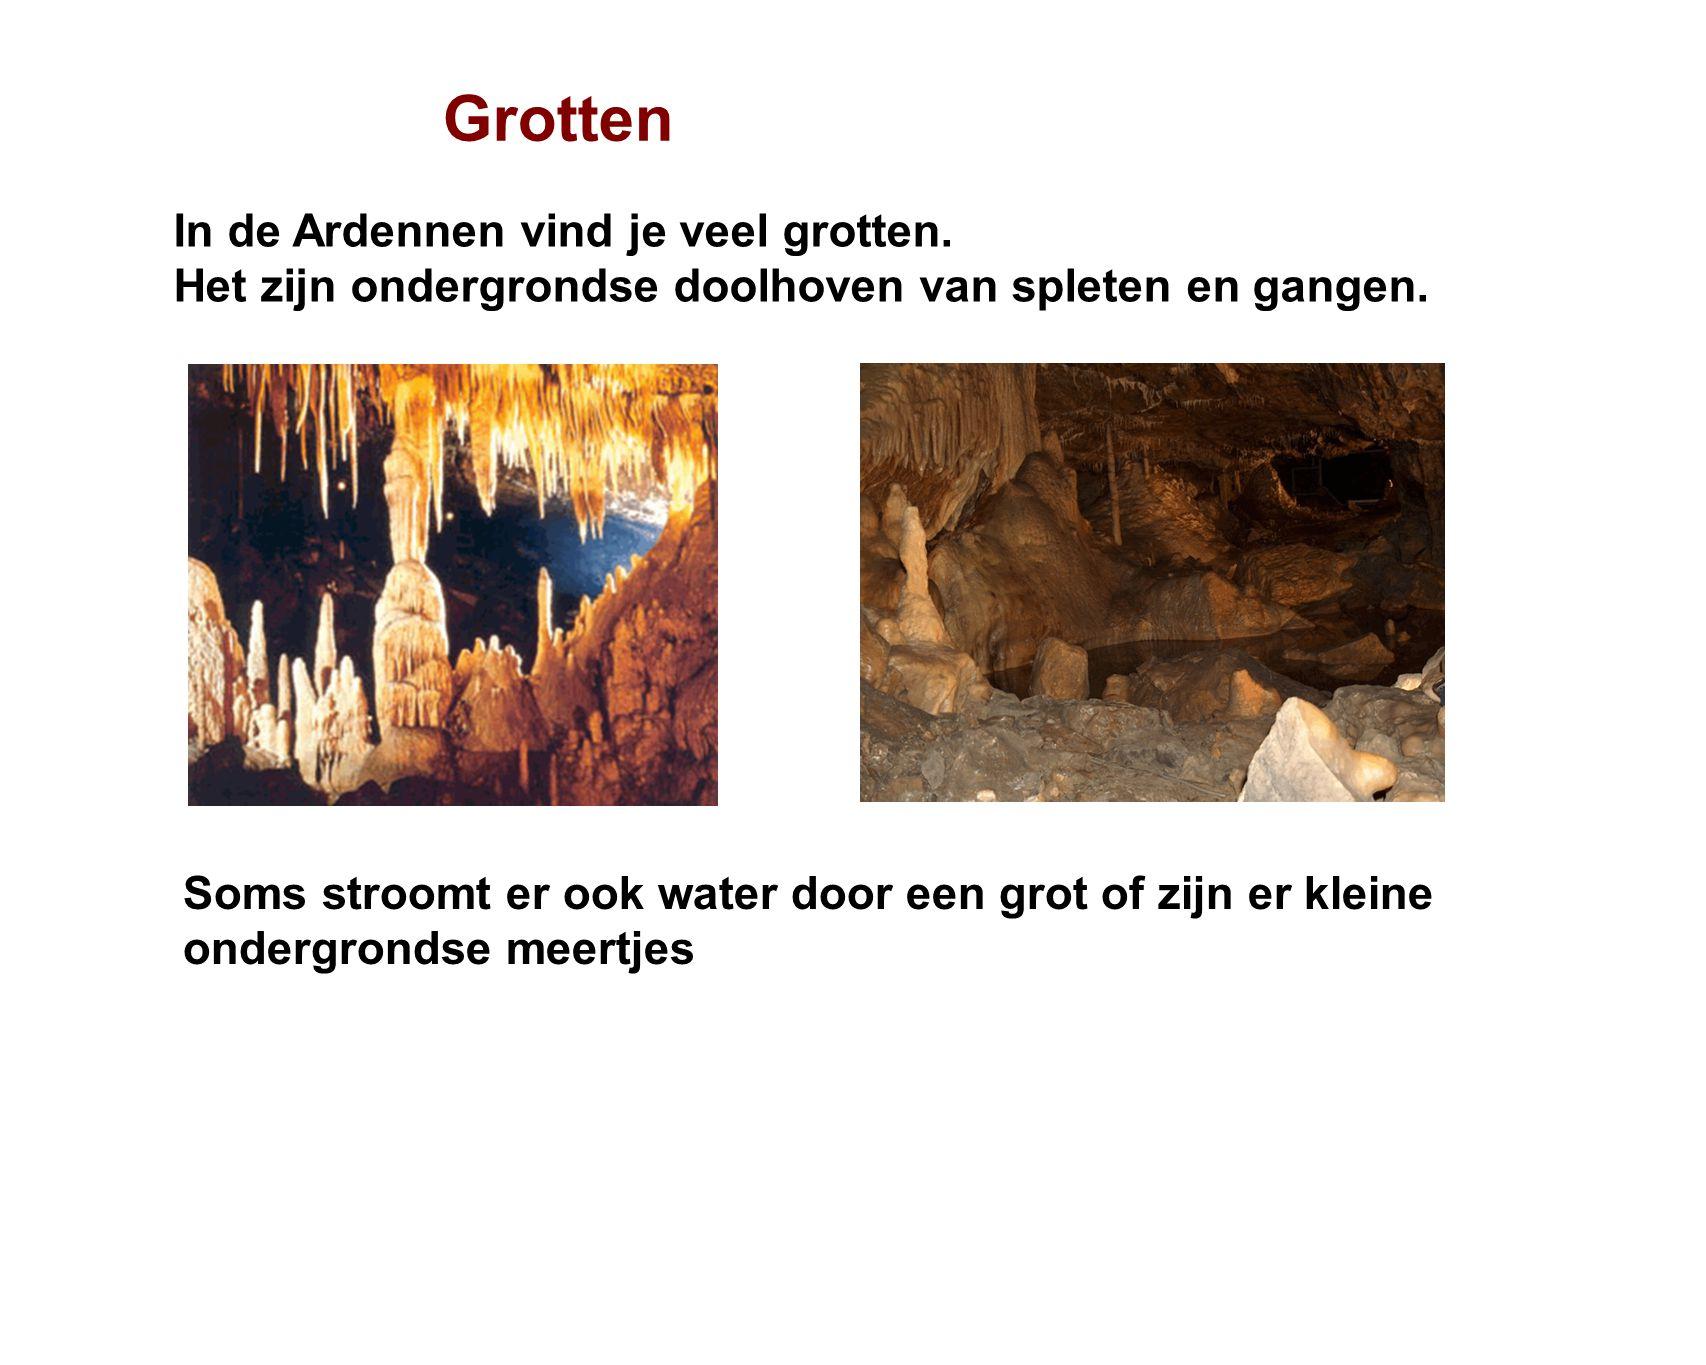 Grotten In de Ardennen vind je veel grotten.Het zijn ondergrondse doolhoven van spleten en gangen.